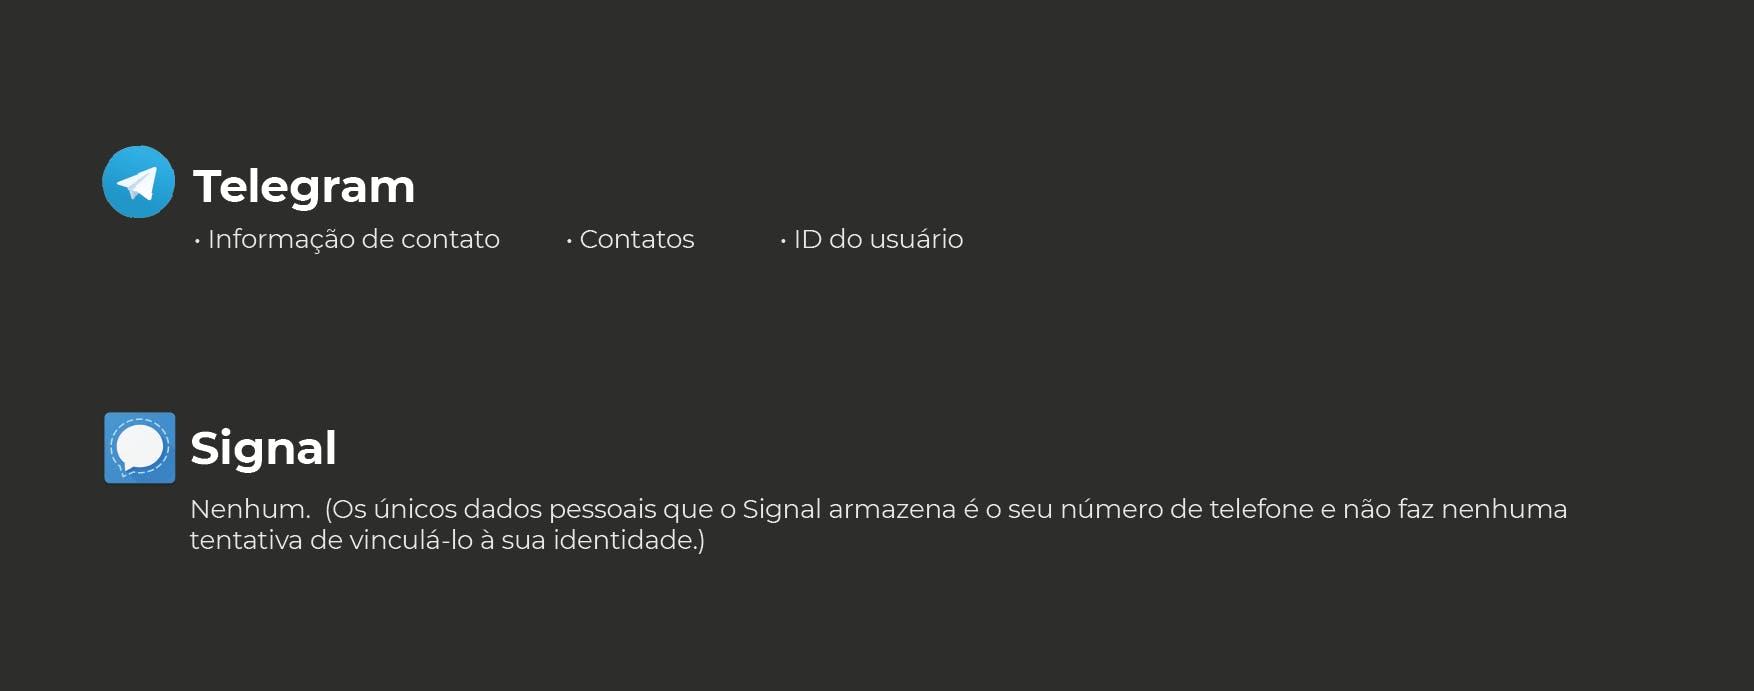 Dados pedidos pelo Telegram e Signal